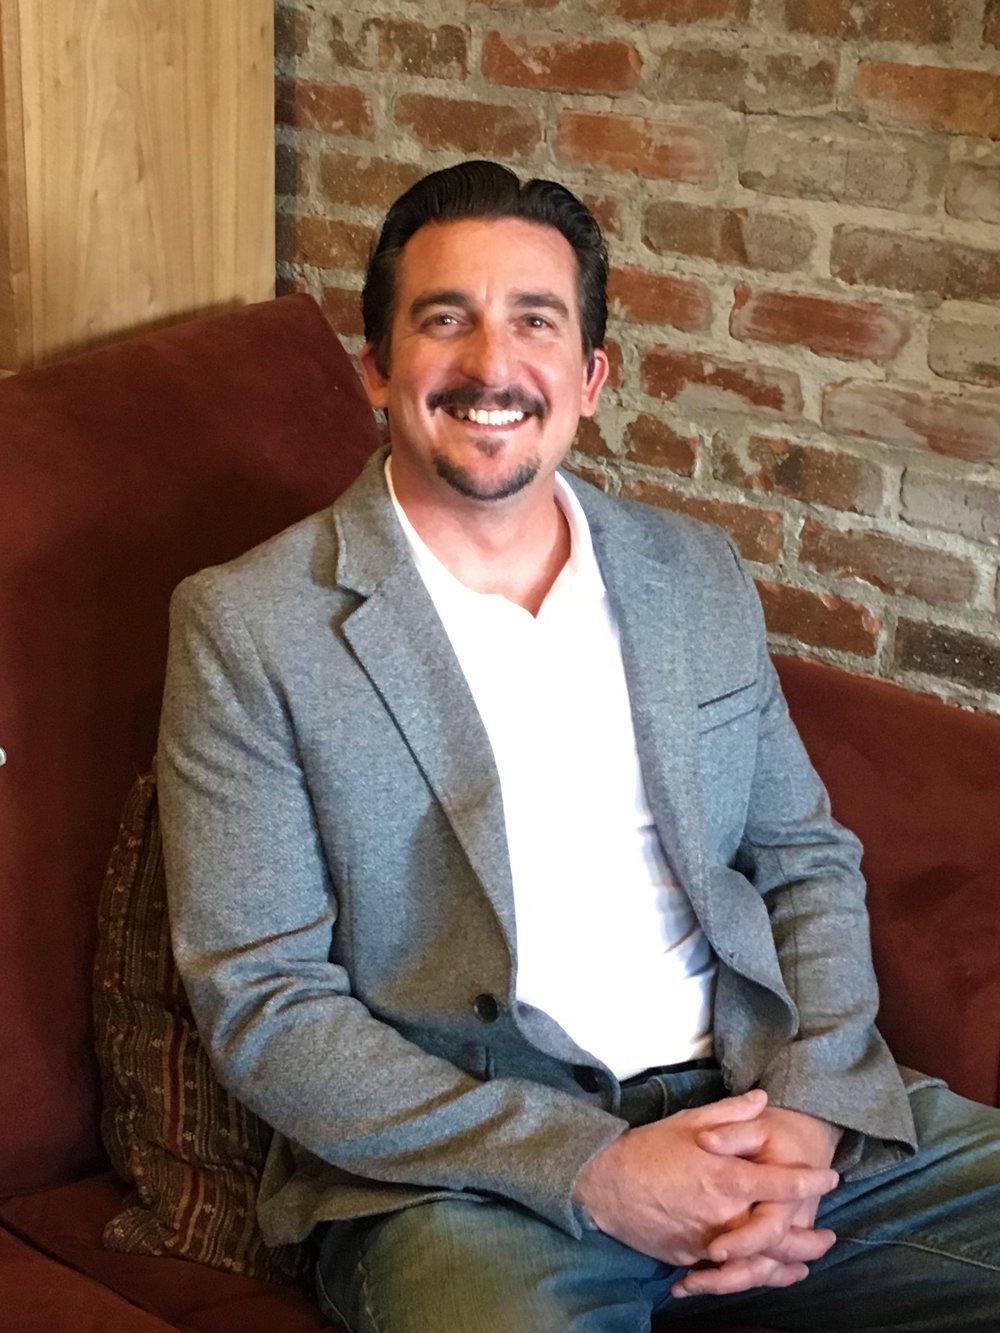 Donavan Cox, Director of Client Services